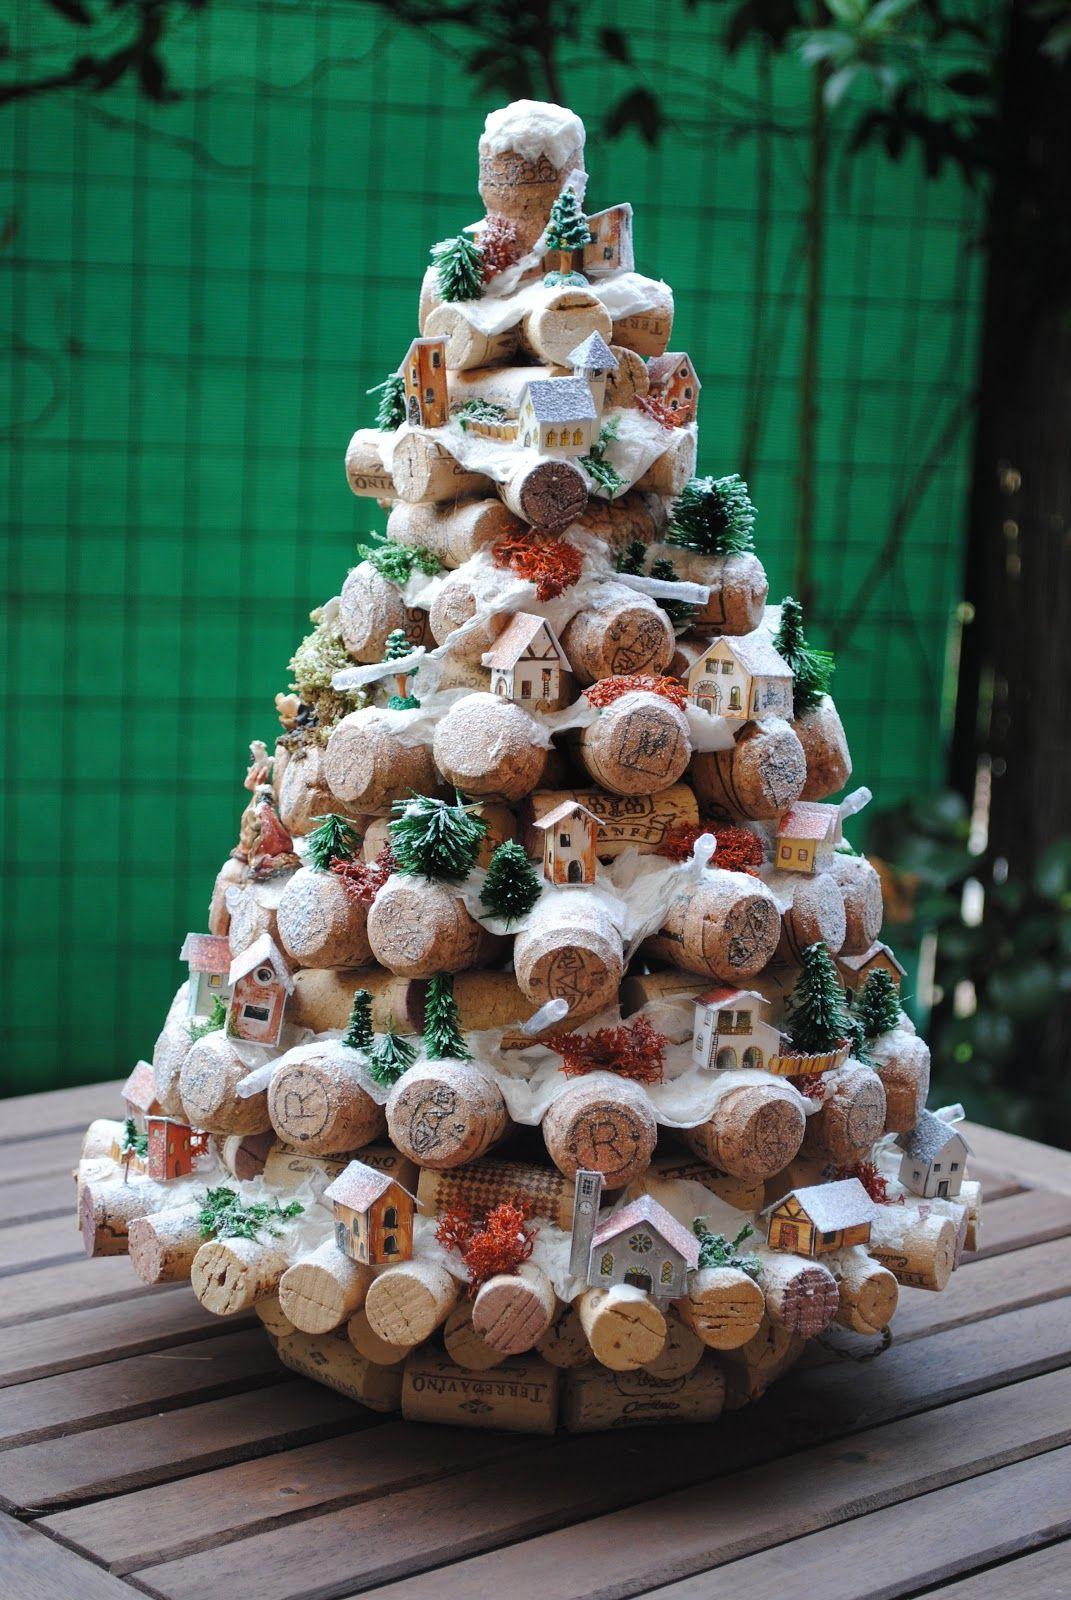 Centrotavola Natalizi X Bambini.Piattaforma Nellentroterra Fruttuoso Albero Di Natale Fai Da Te Con Tappi Di Sughero Bobina Venditore Rotto